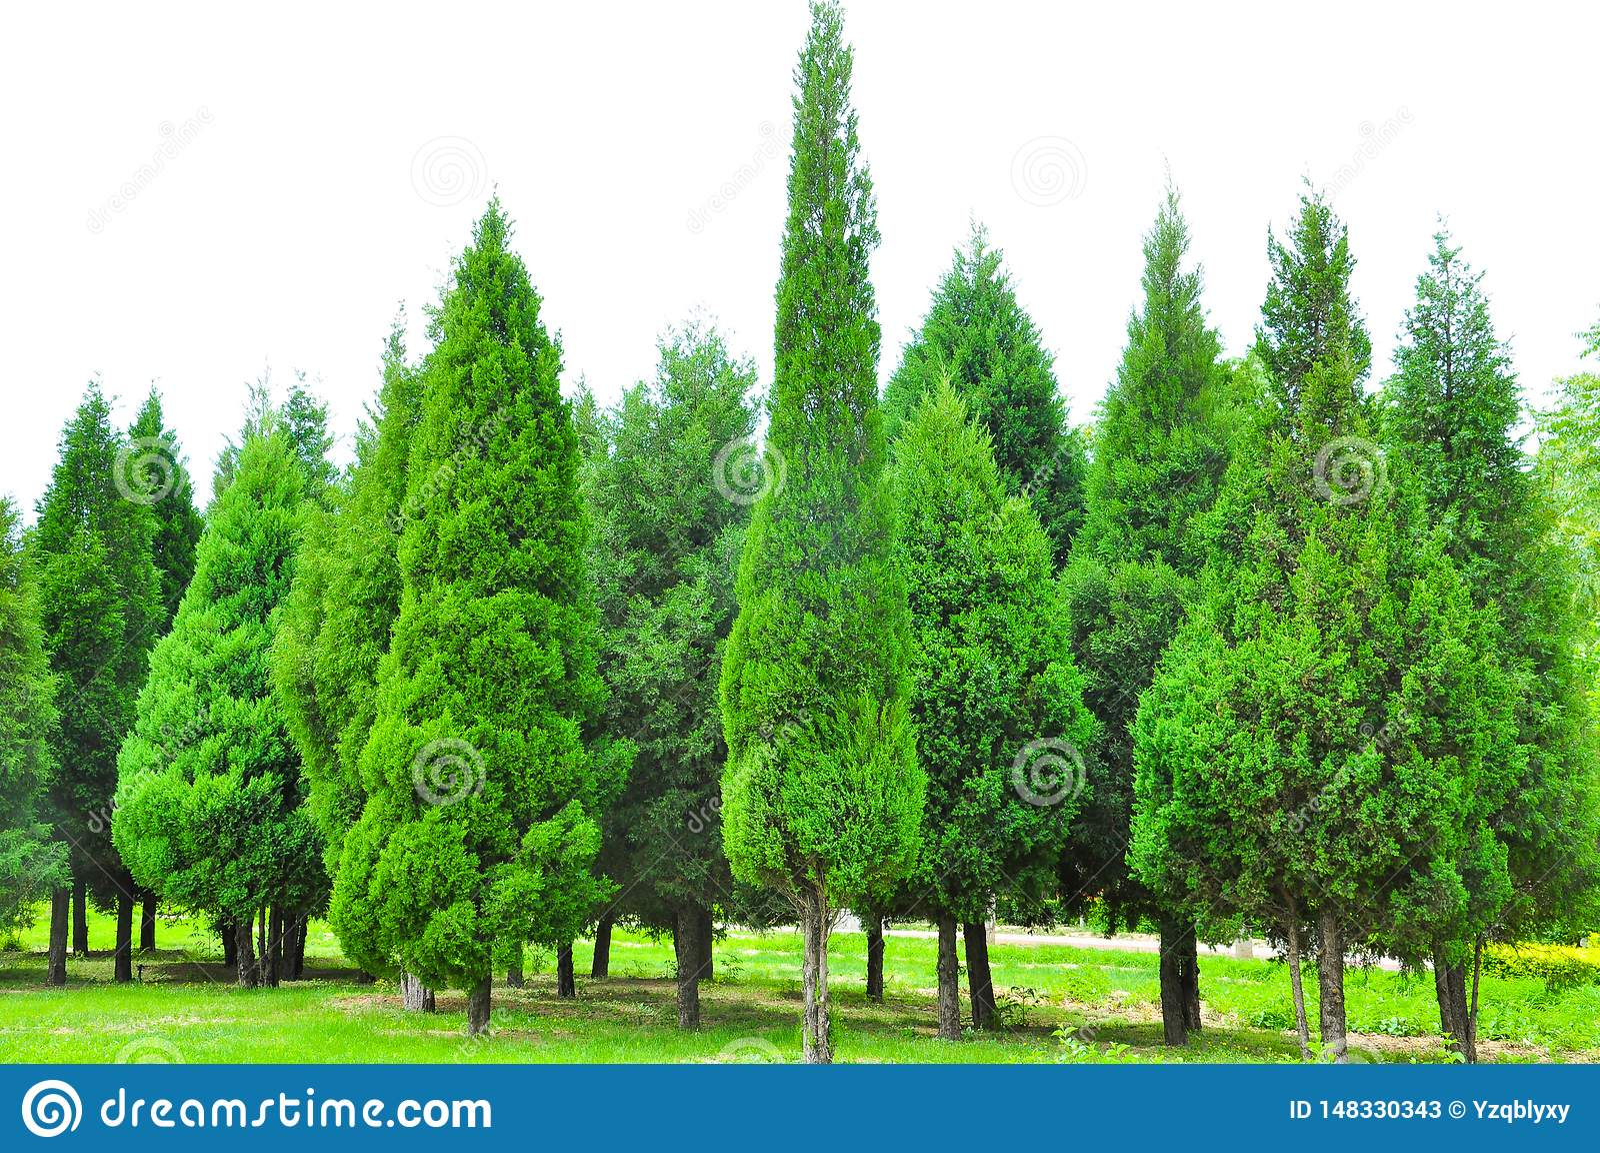 Fondo verde del pino y del ciprés en campo